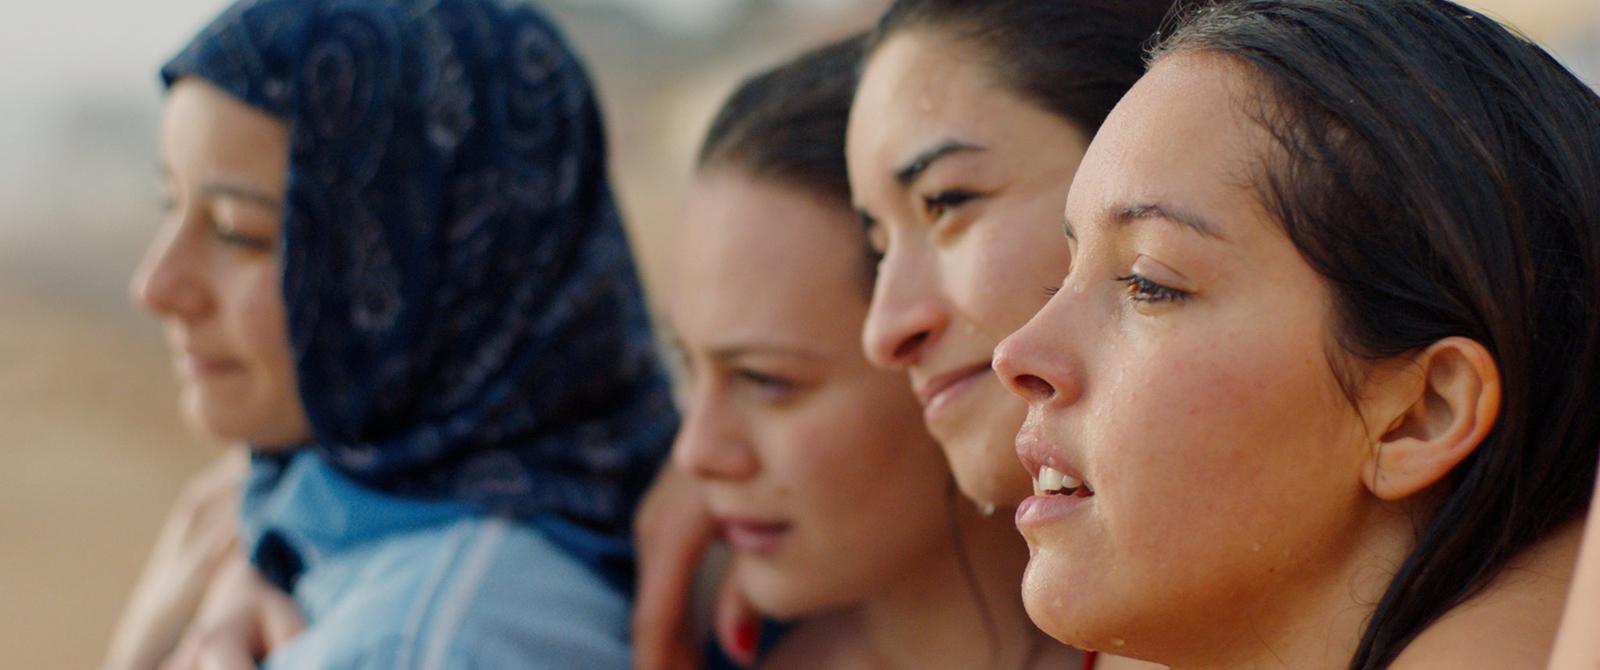 Papicha dirigida por Mounia Meddour